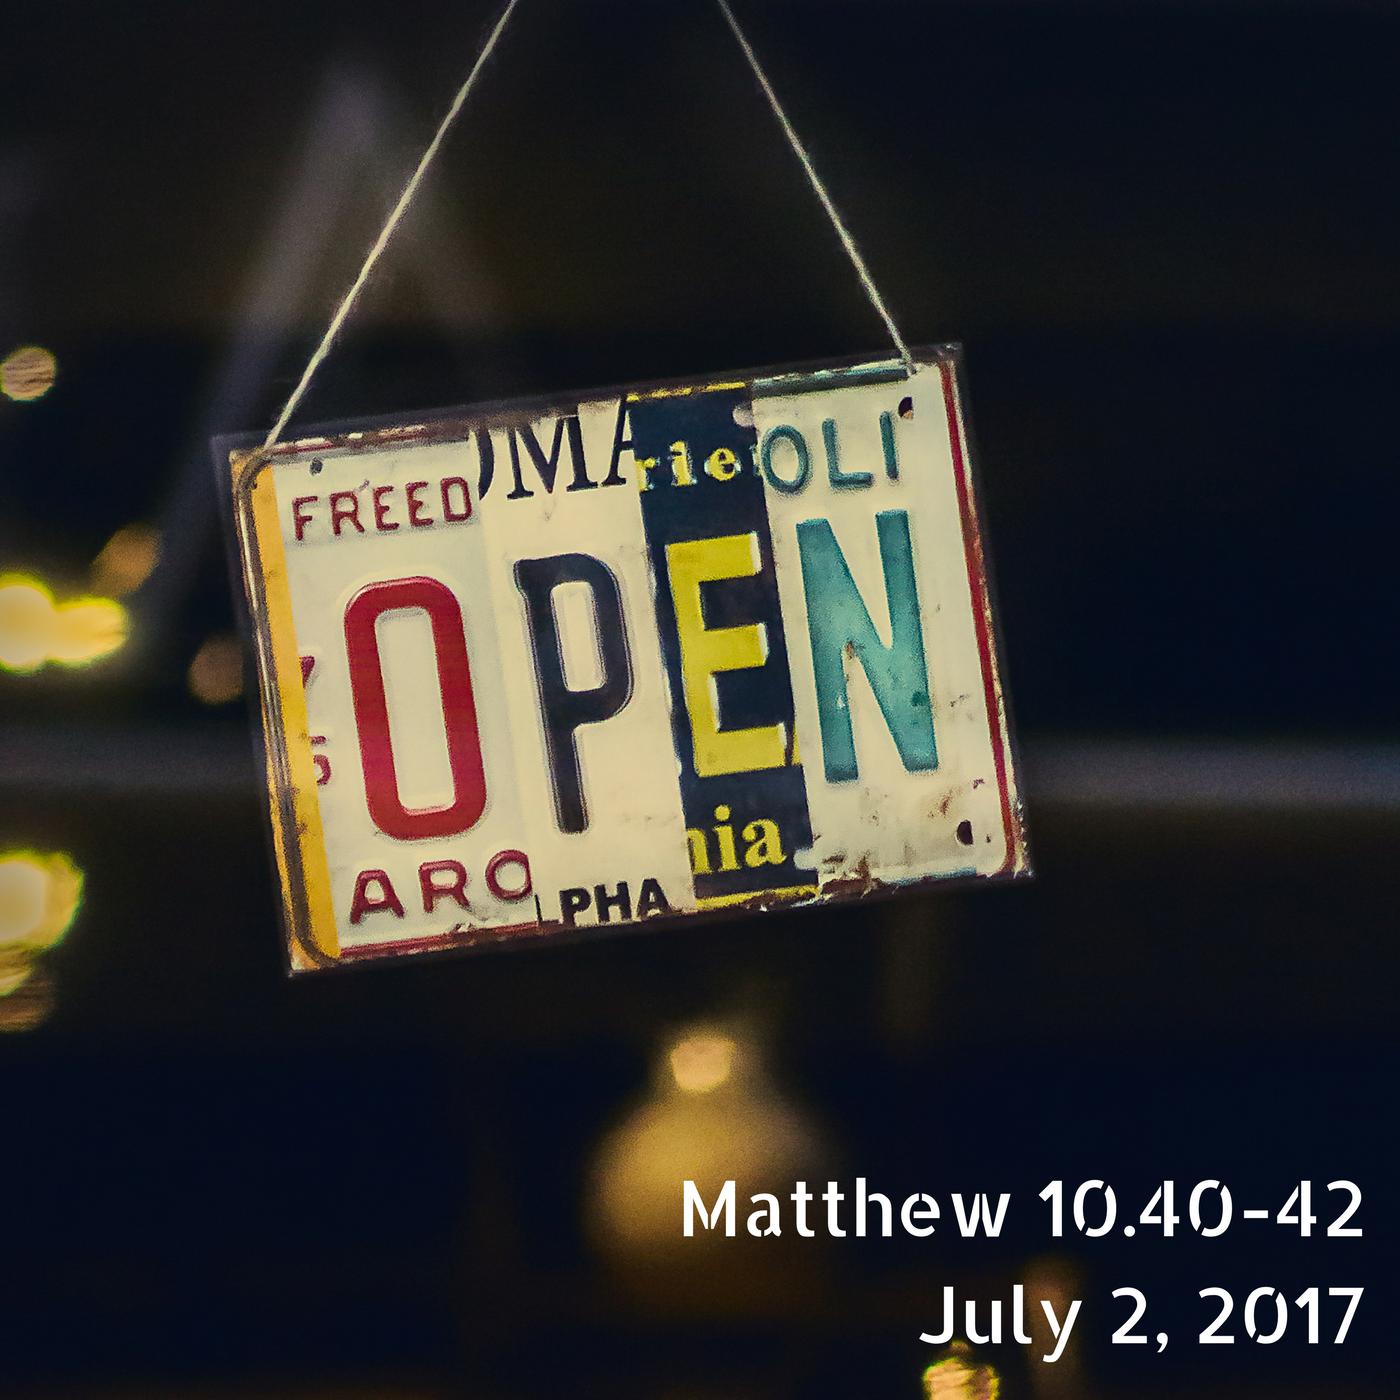 Matthew-10.40-42-July-2-2017-1.png